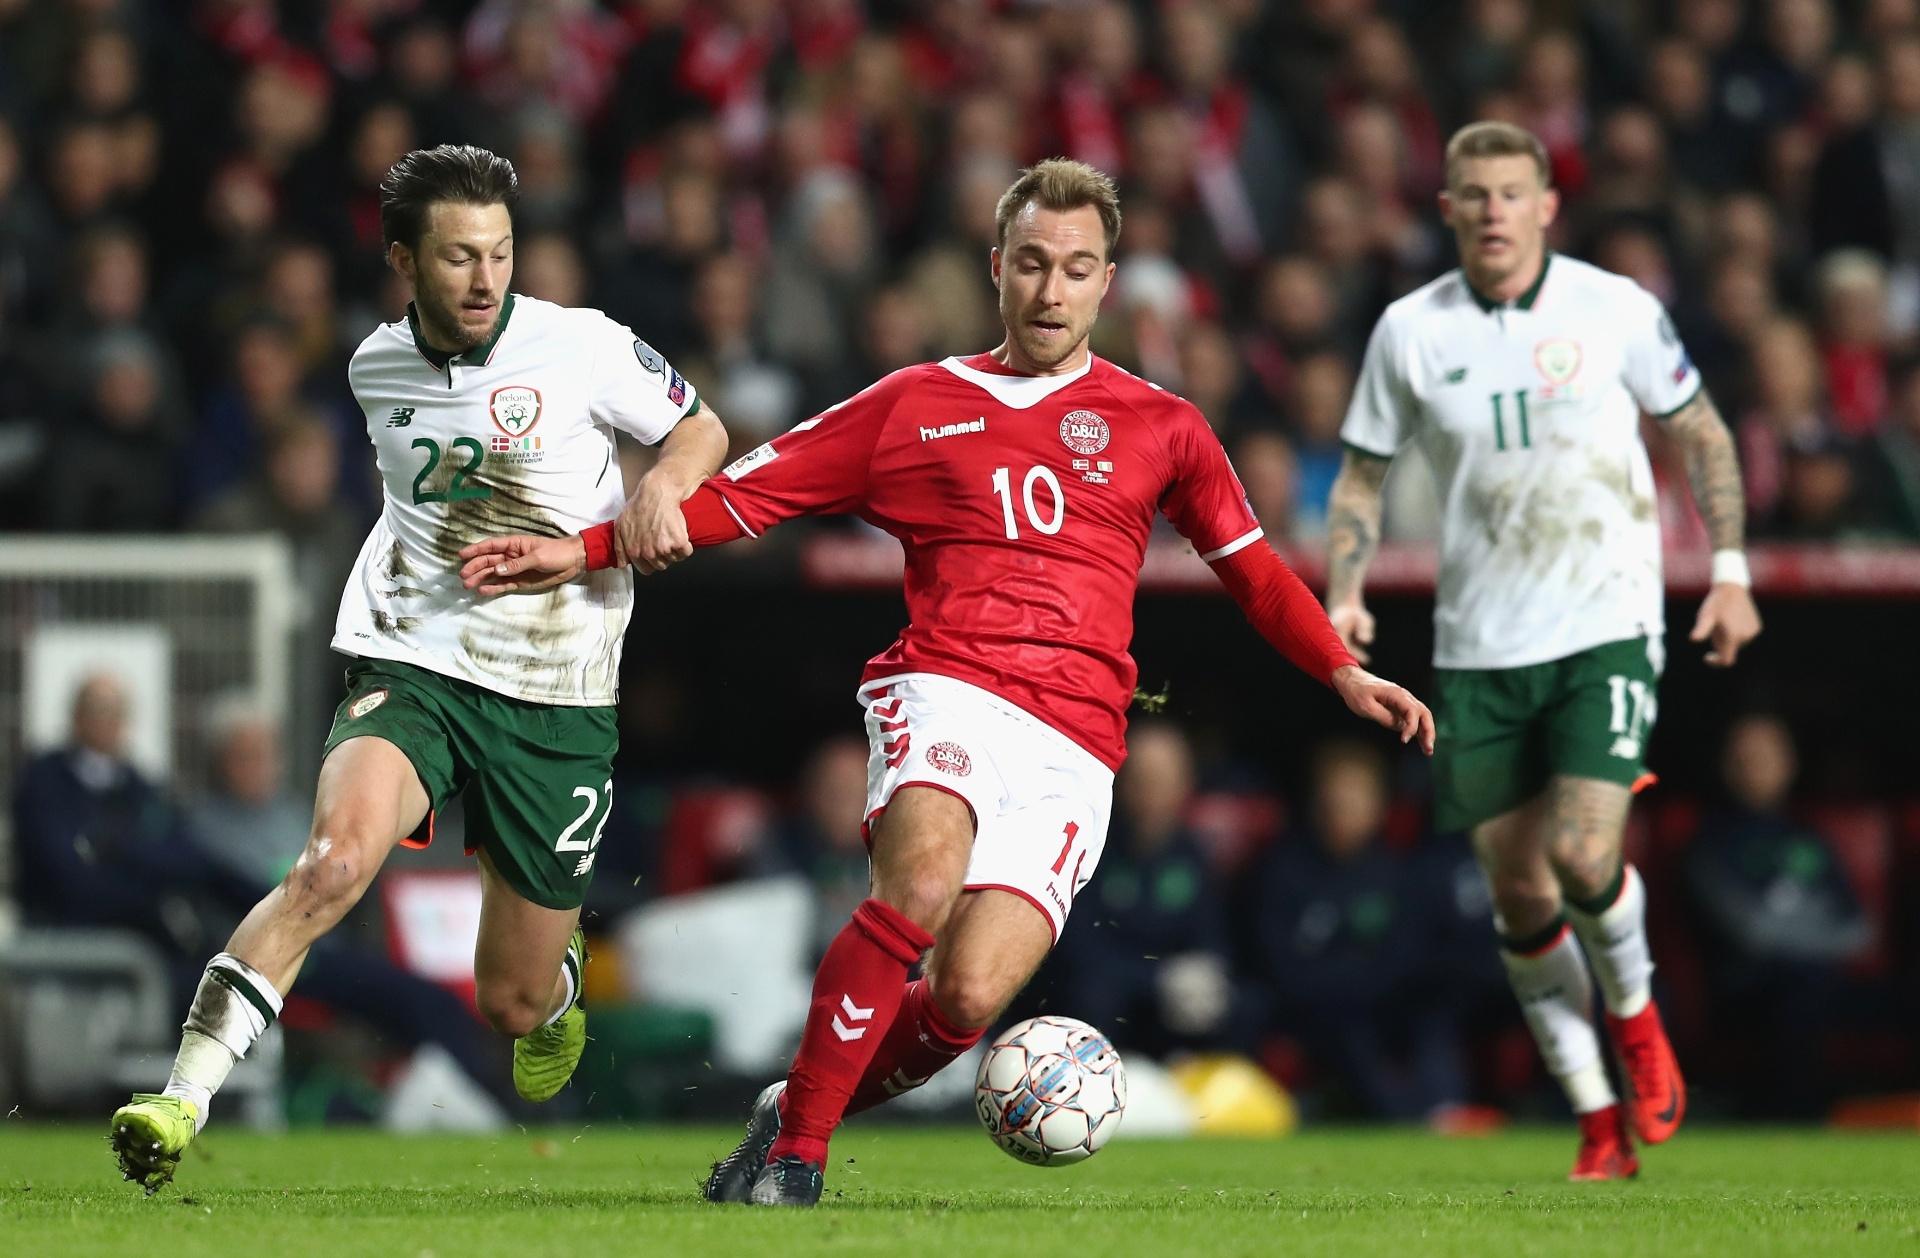 Dinamarca e Irlanda empatam sem gols no 1º jogo da repescagem para a Copa -  11 11 2017 - UOL Esporte 7339f3500f19d